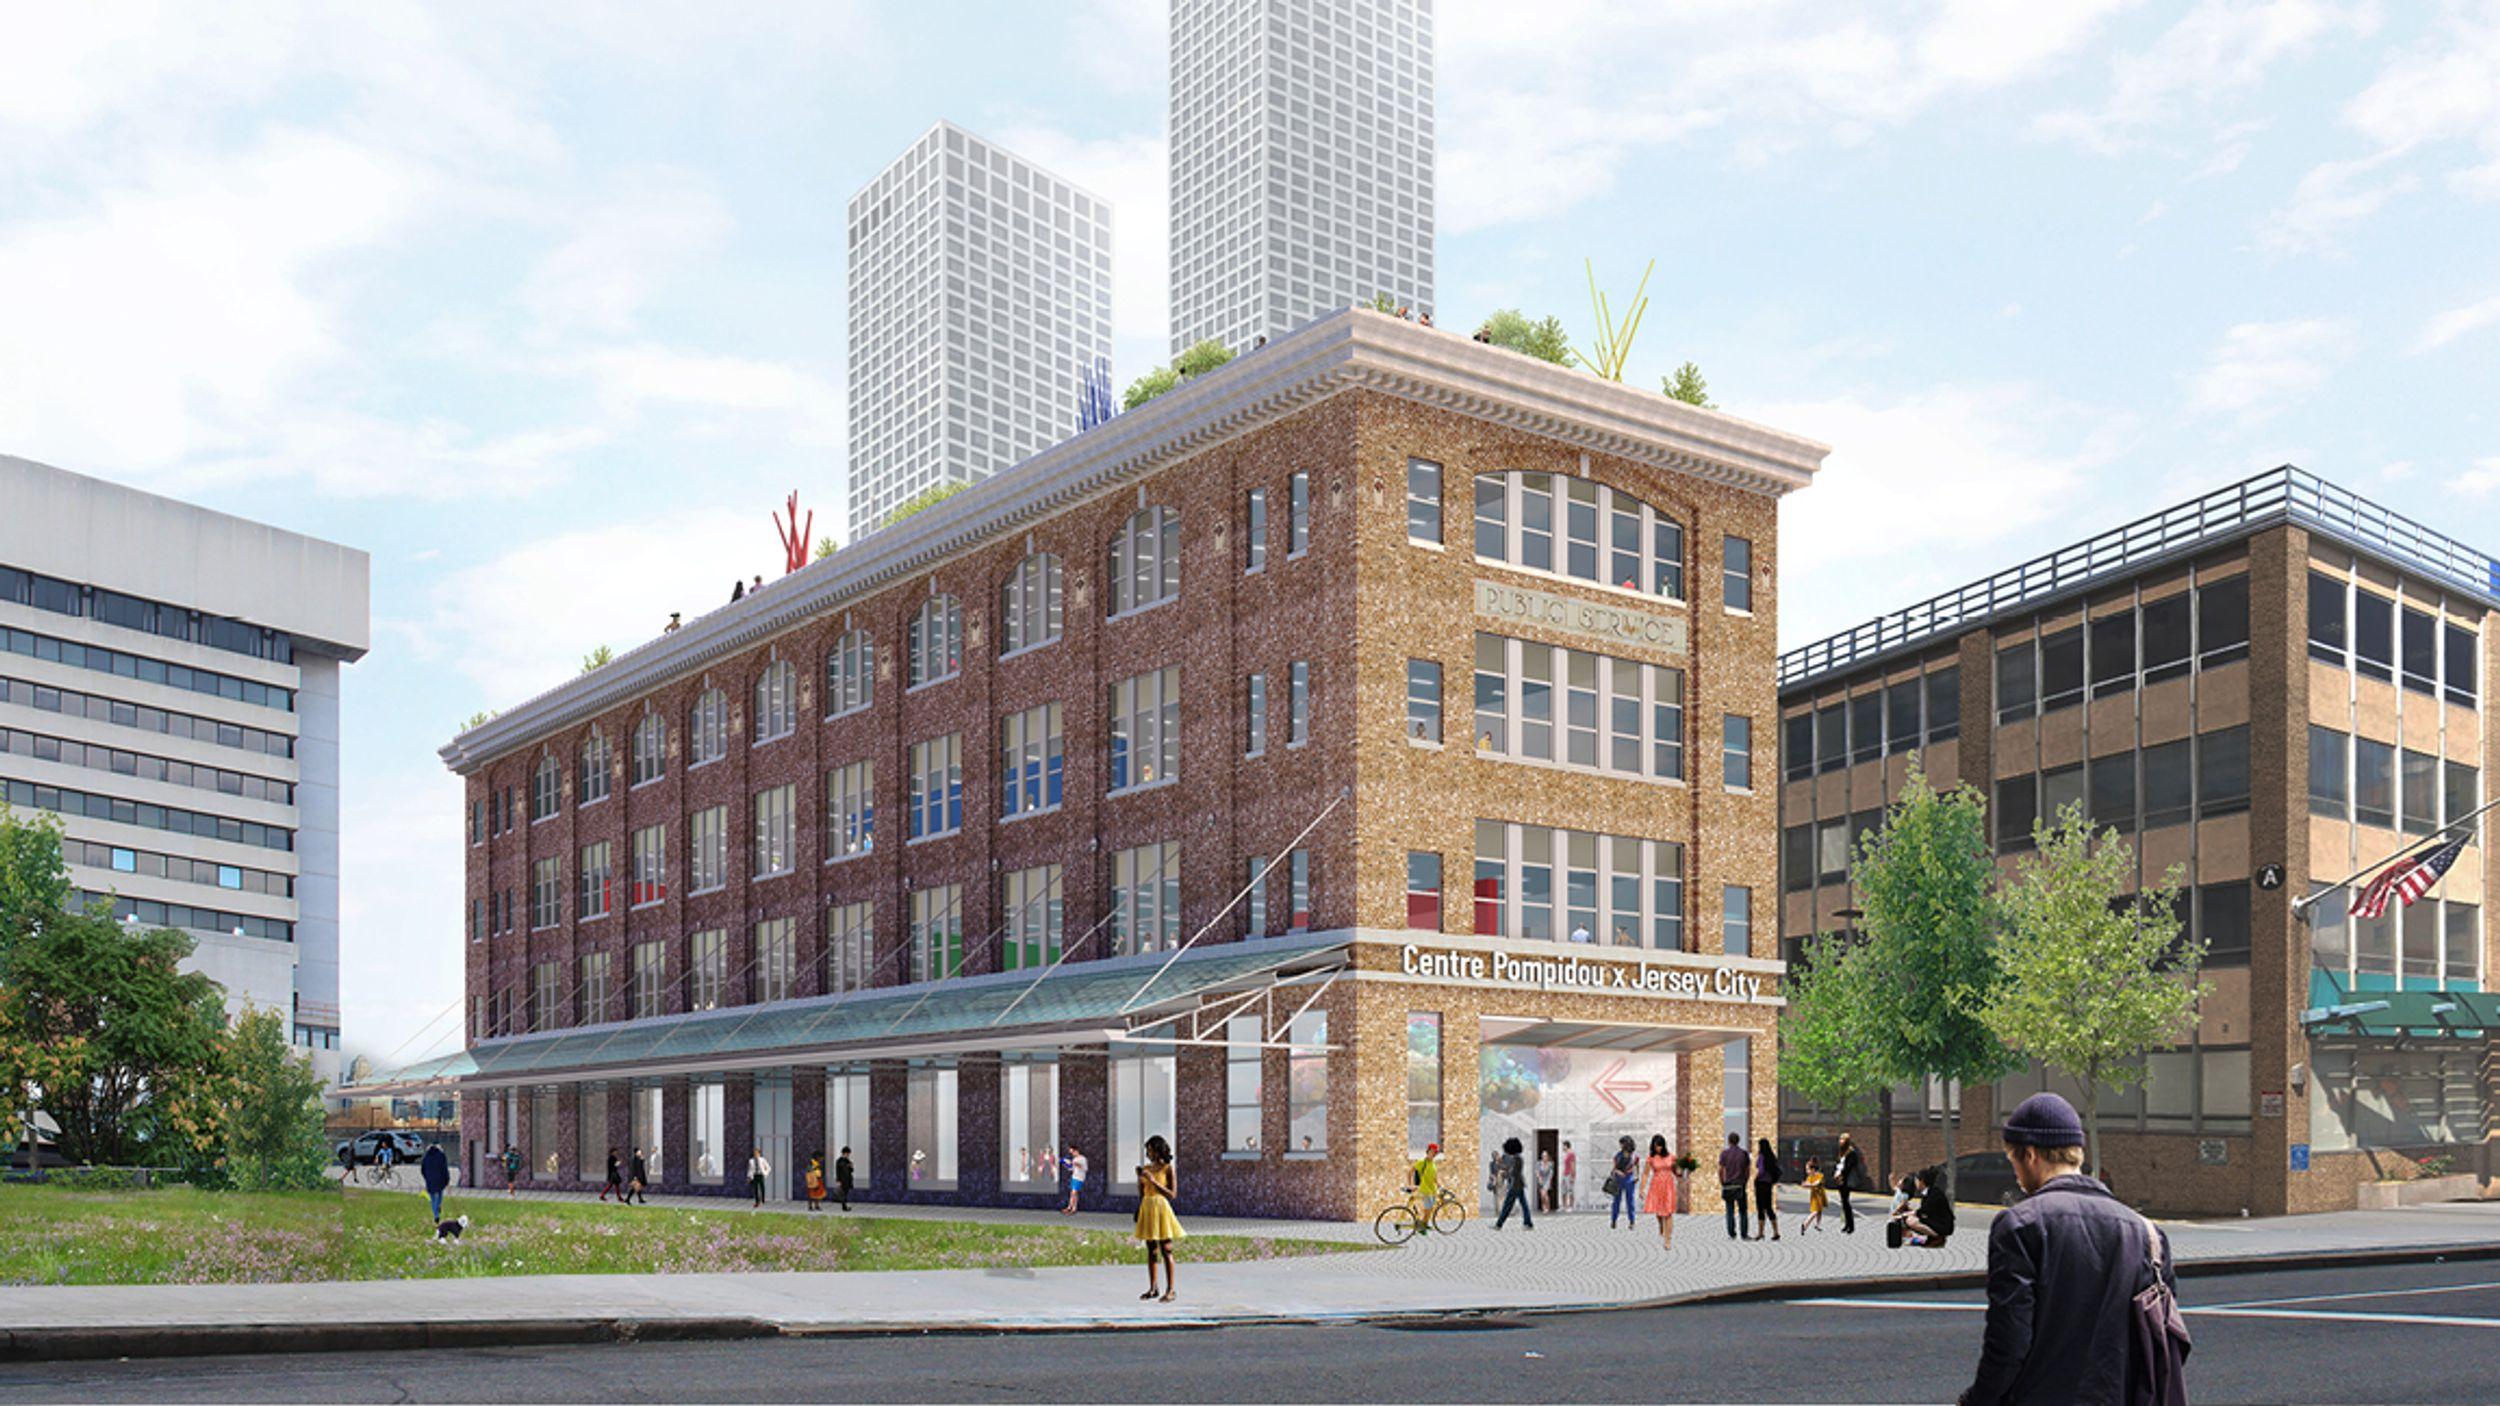 El Centro Pompidou abrirá en los suburbios de Nueva York